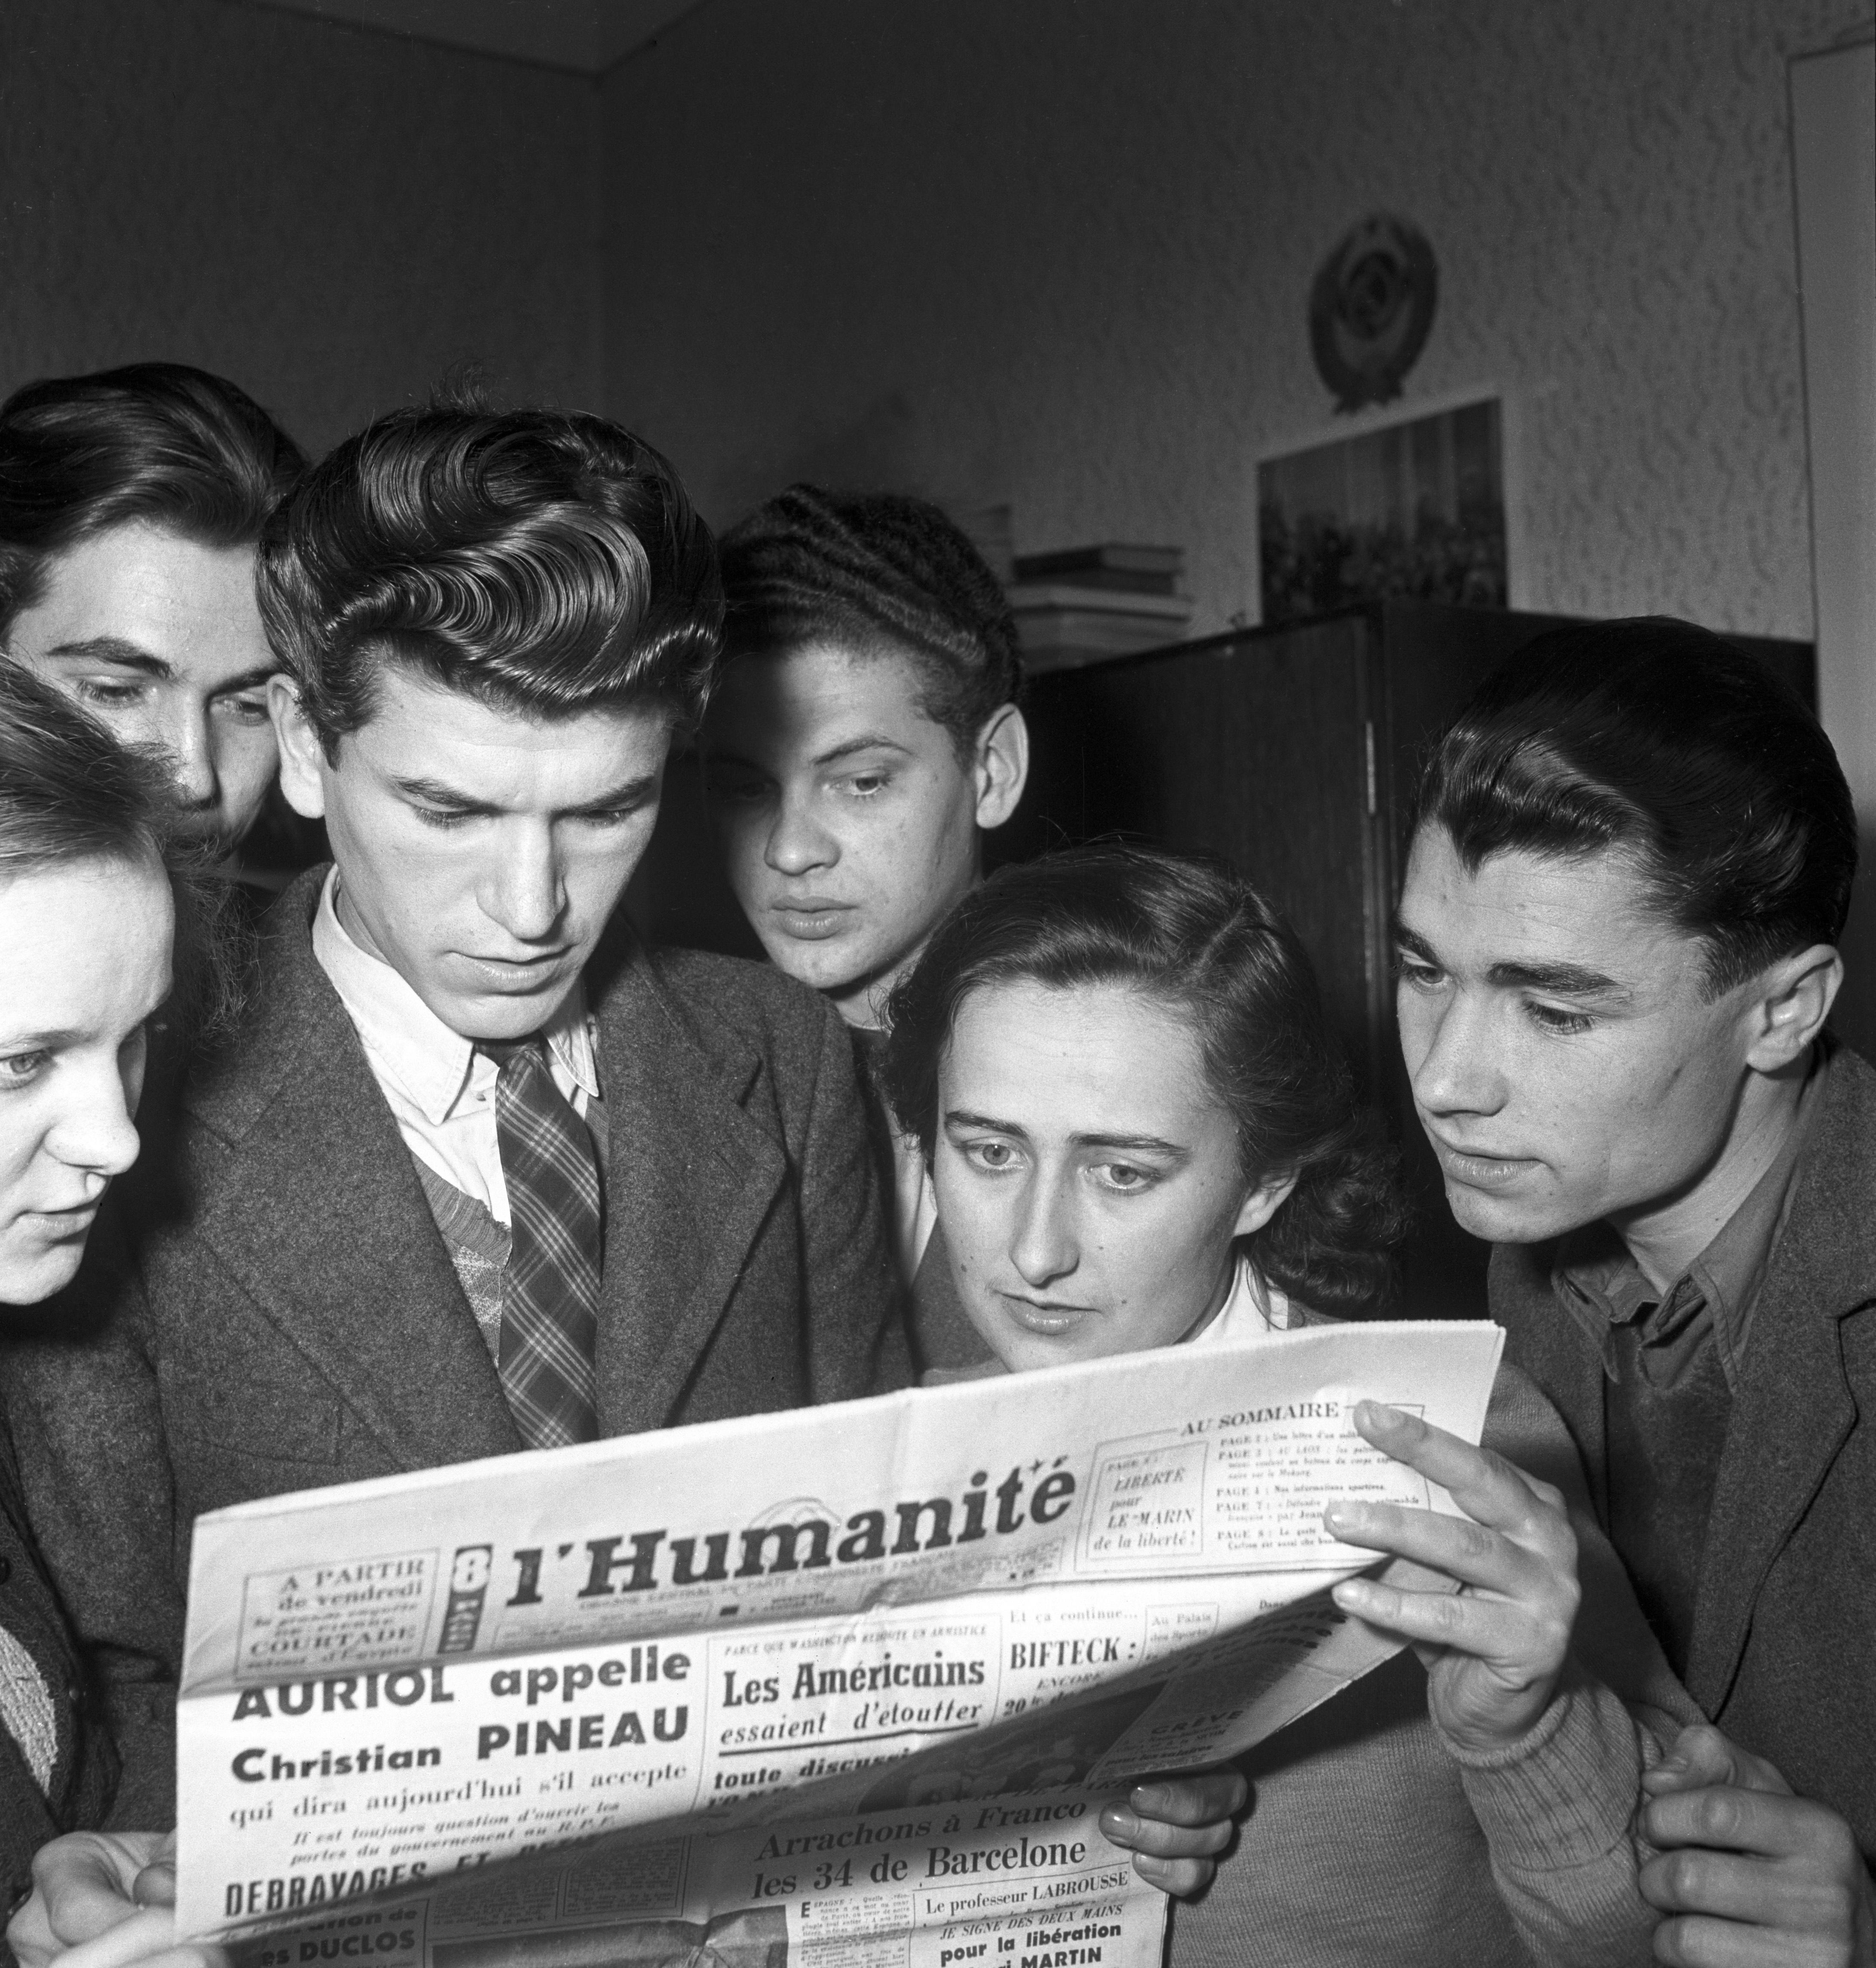 Az Idegen Nyelvek Főiskolája hallgatói tanulmányozzák az ellenséges sajtót / Fotó: MTI